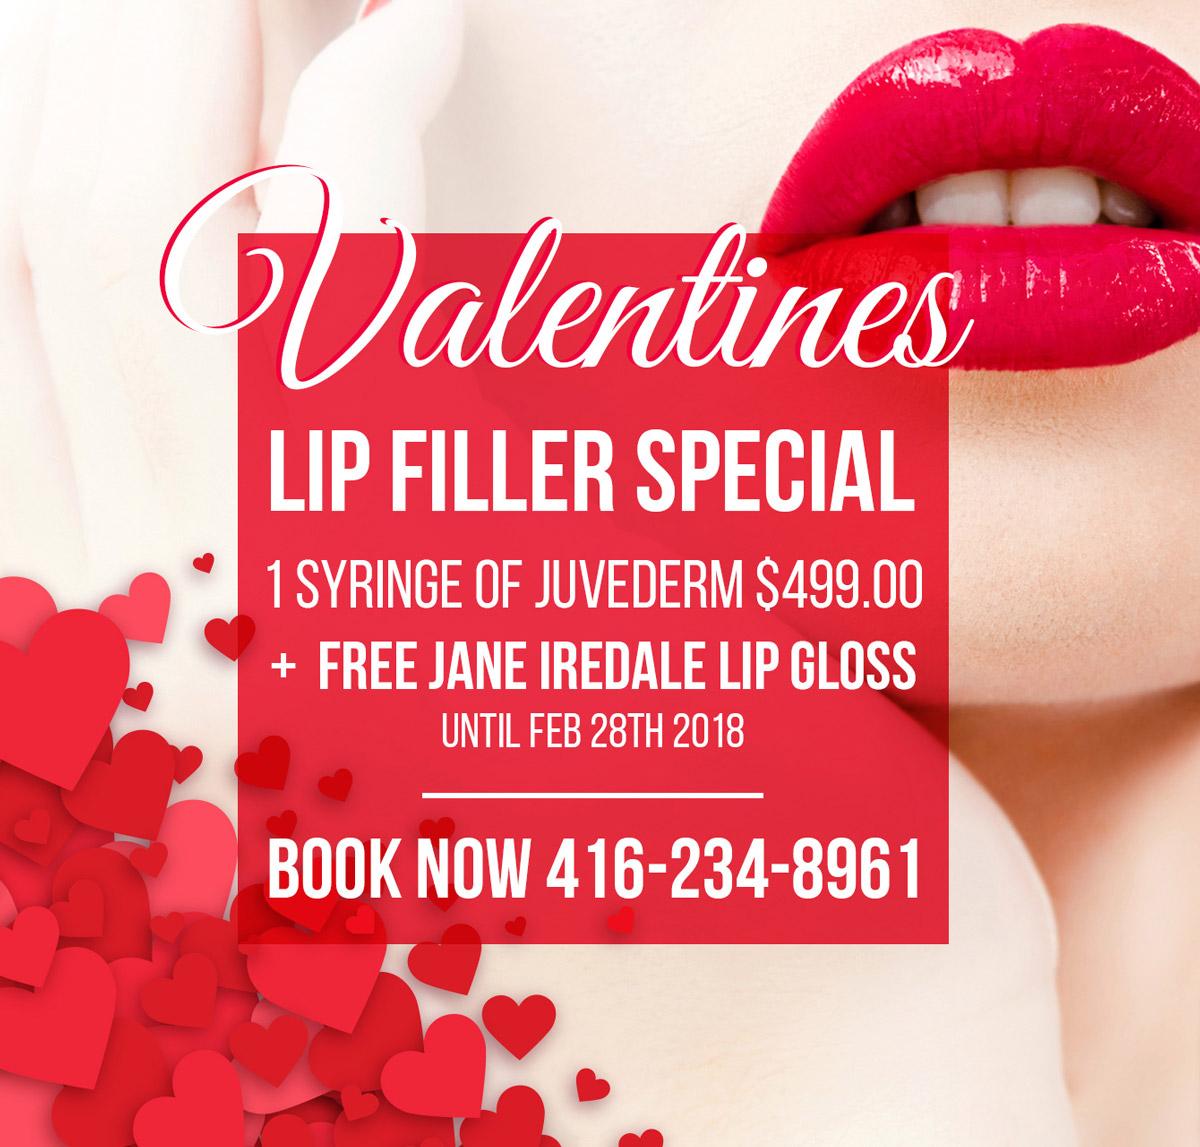 Valentines Lip Filler Special